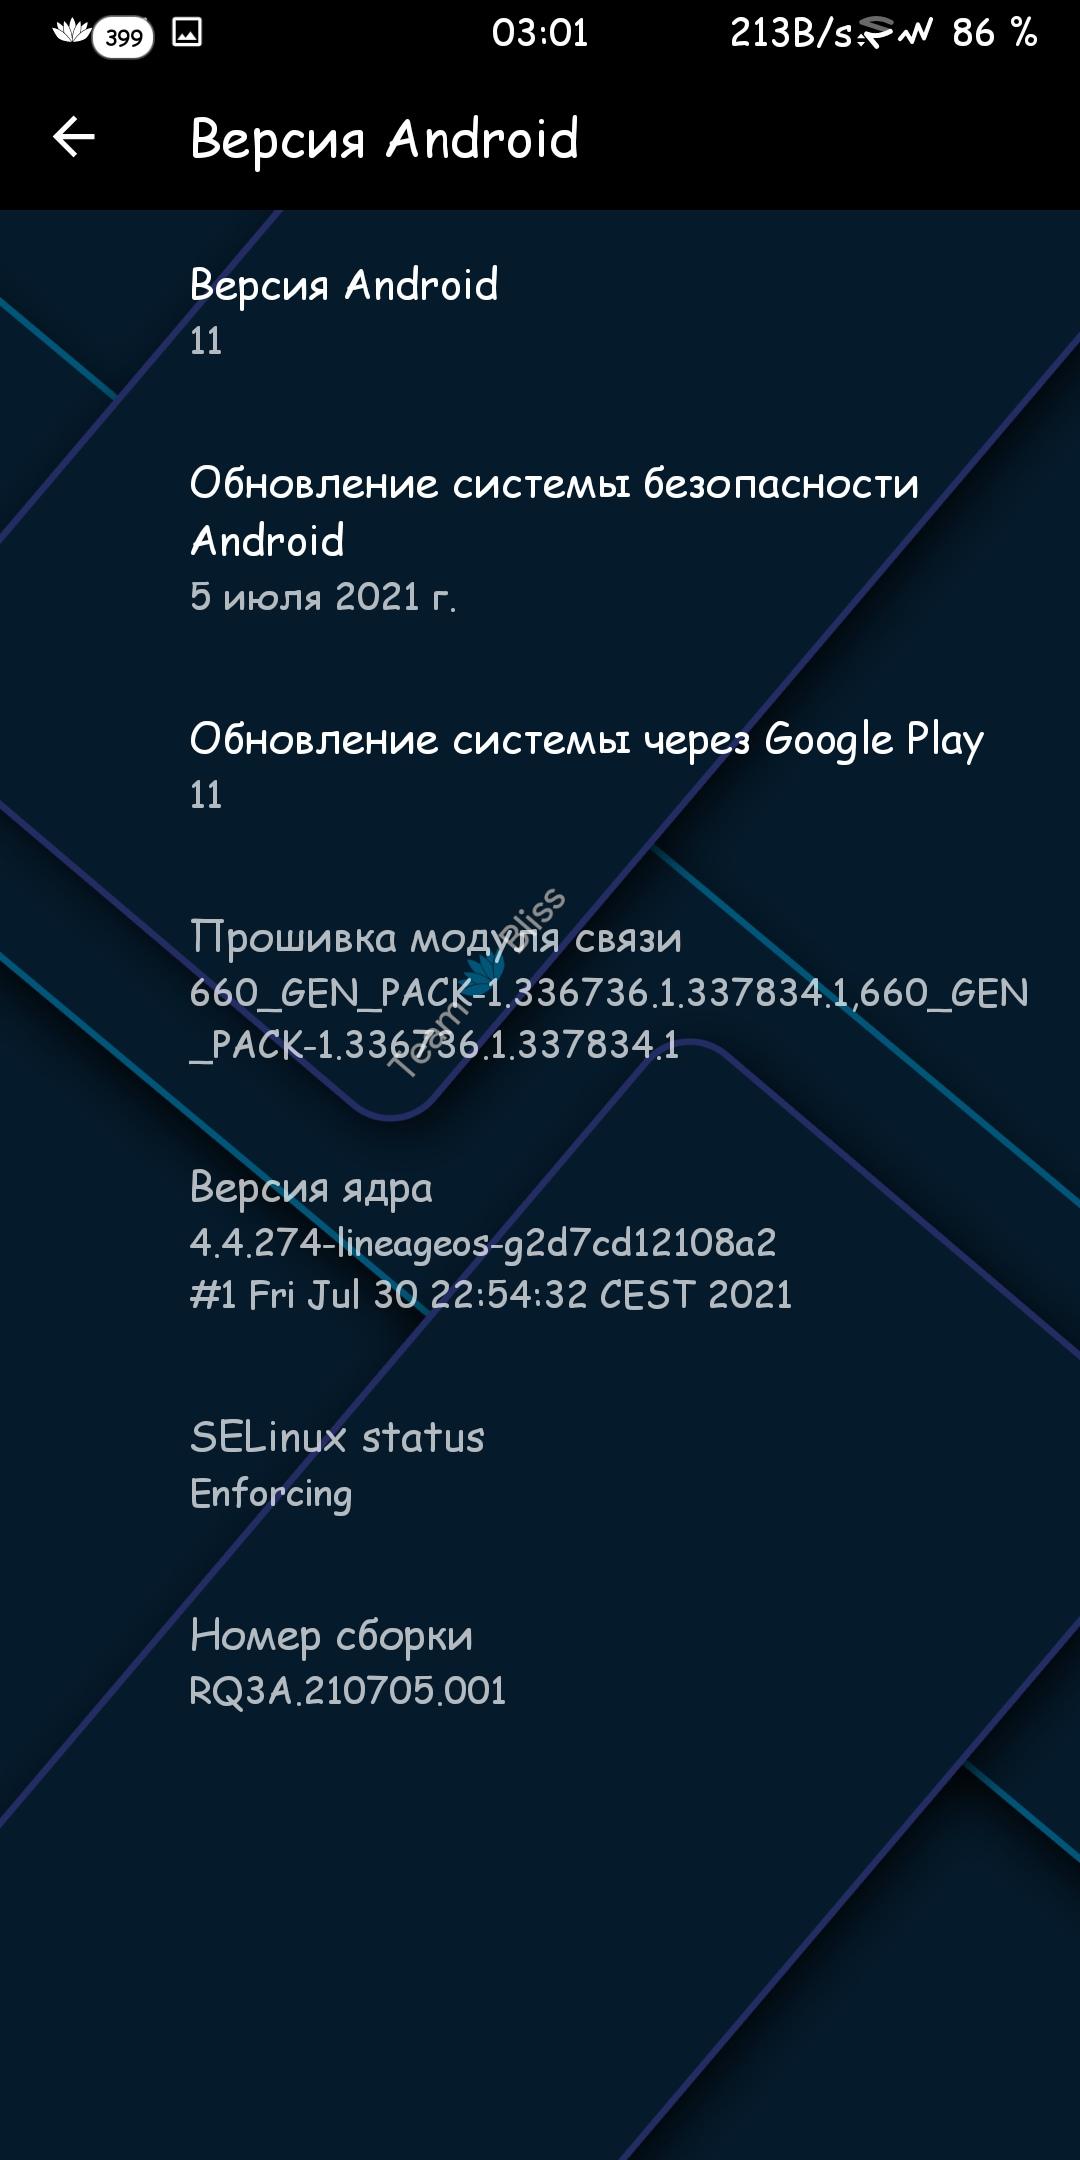 02Screenshot_20210803-030138706.jpg